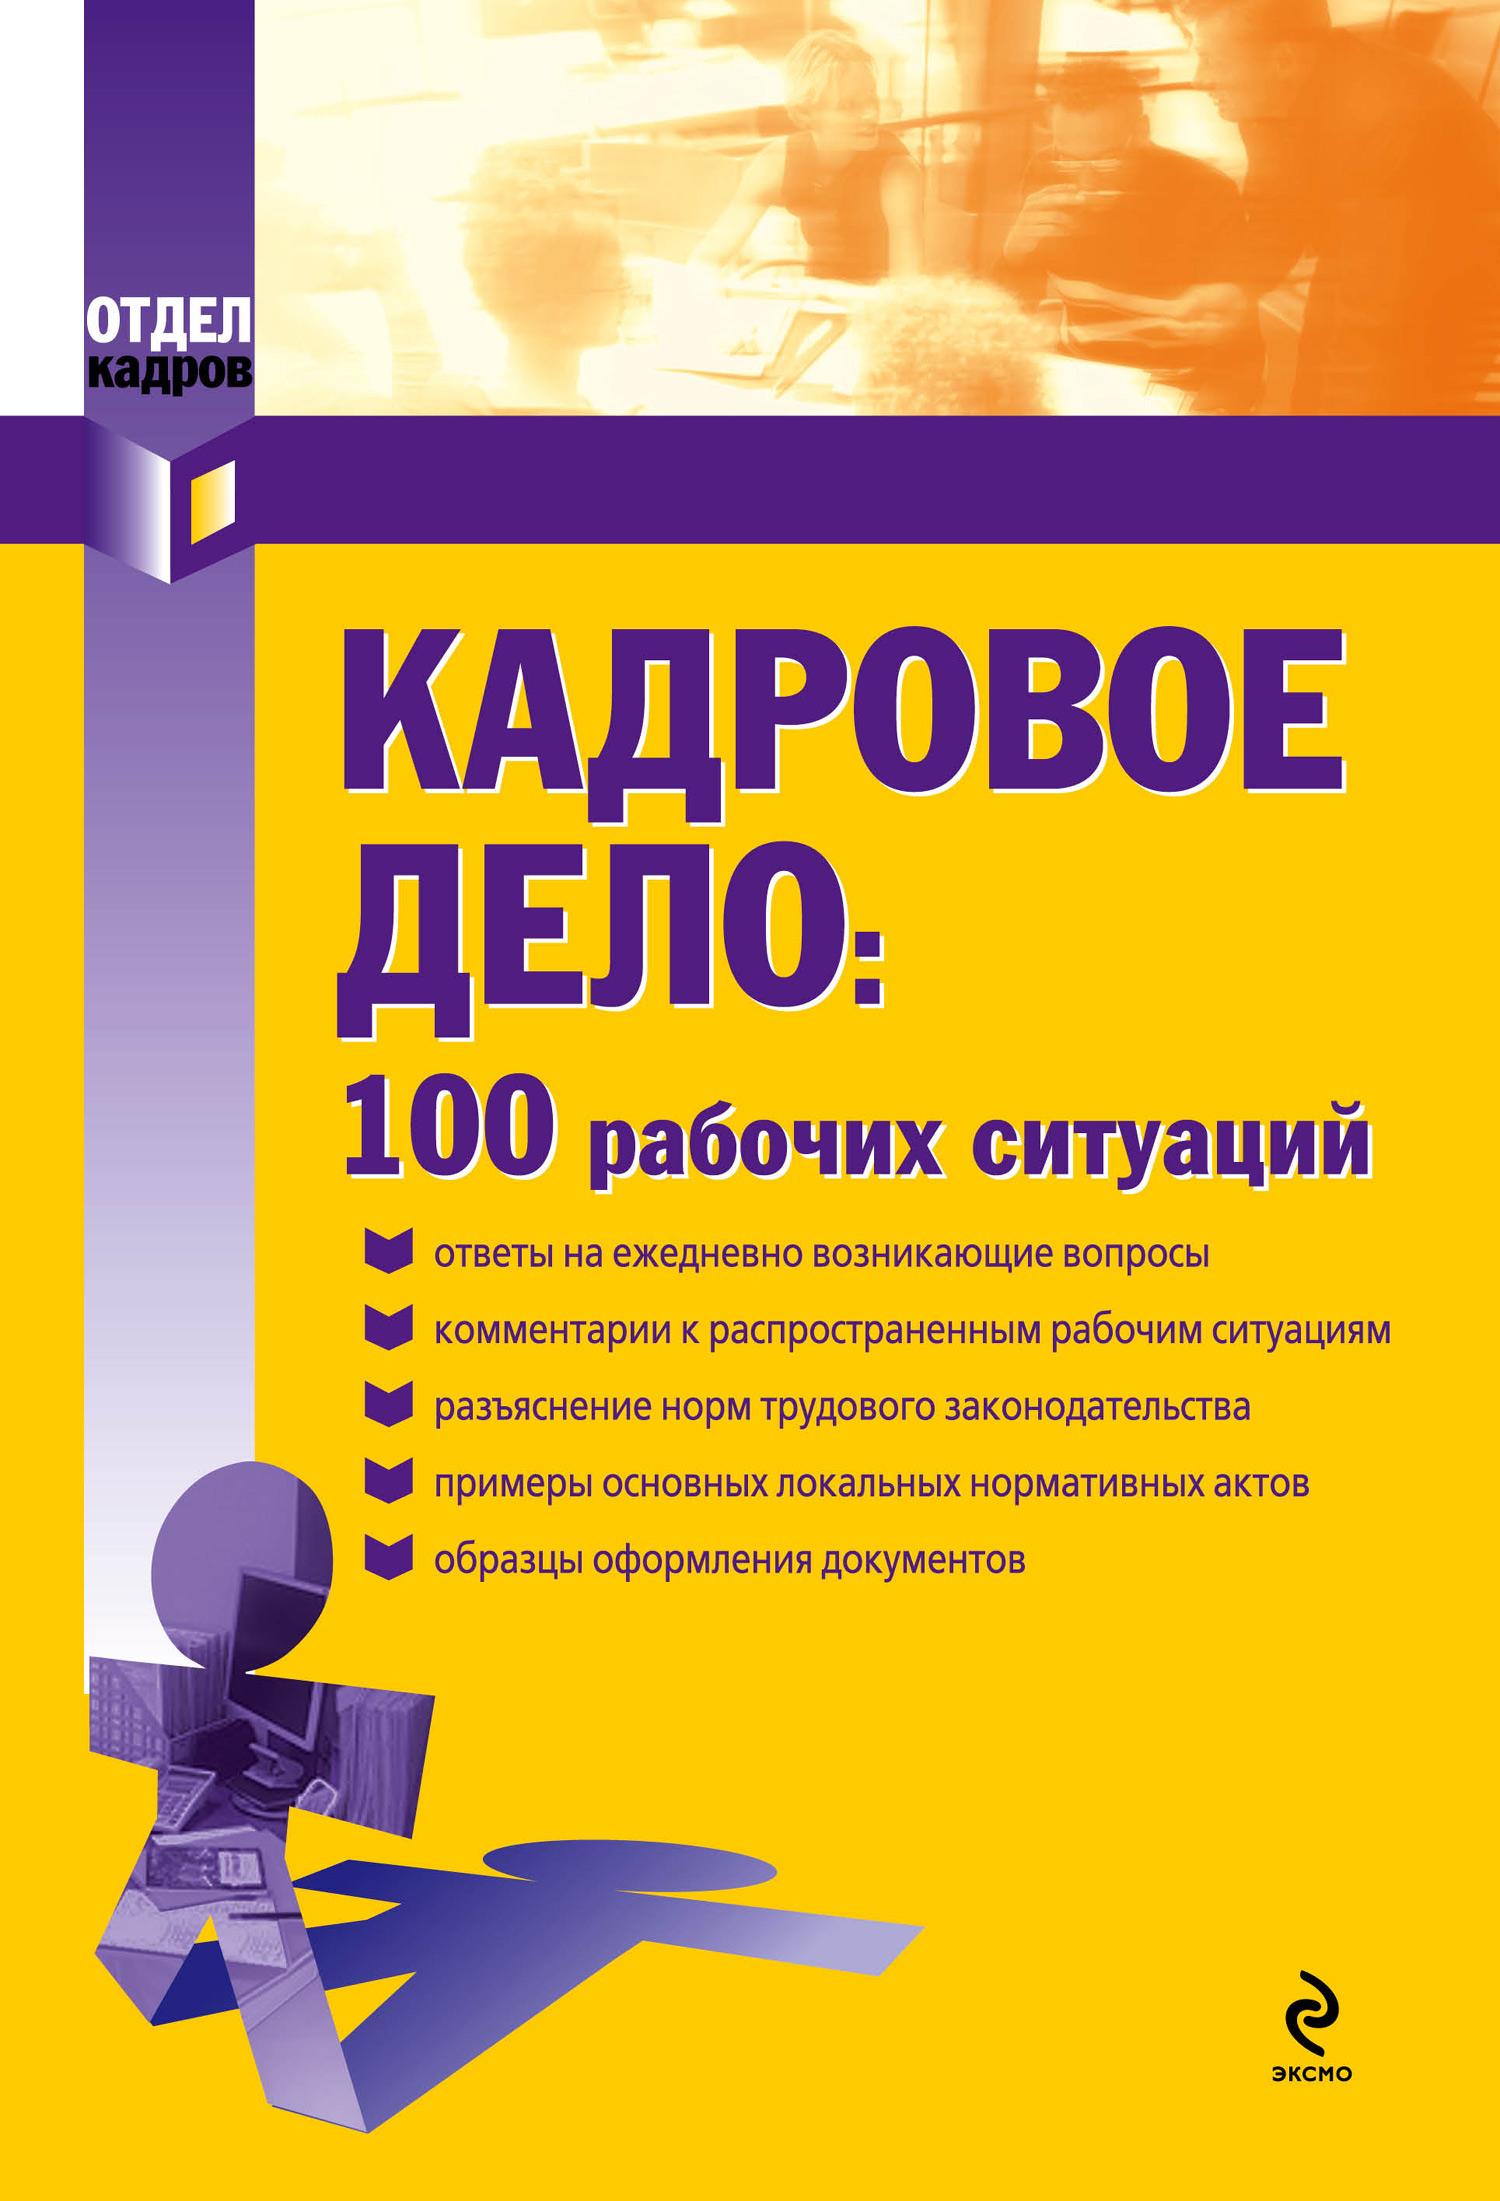 Екатерина Рощупкина, Лидия Чечета, Нина Слепнёва, Надежда Малышева «Кадровое дело: 100 рабочих ситуаций»